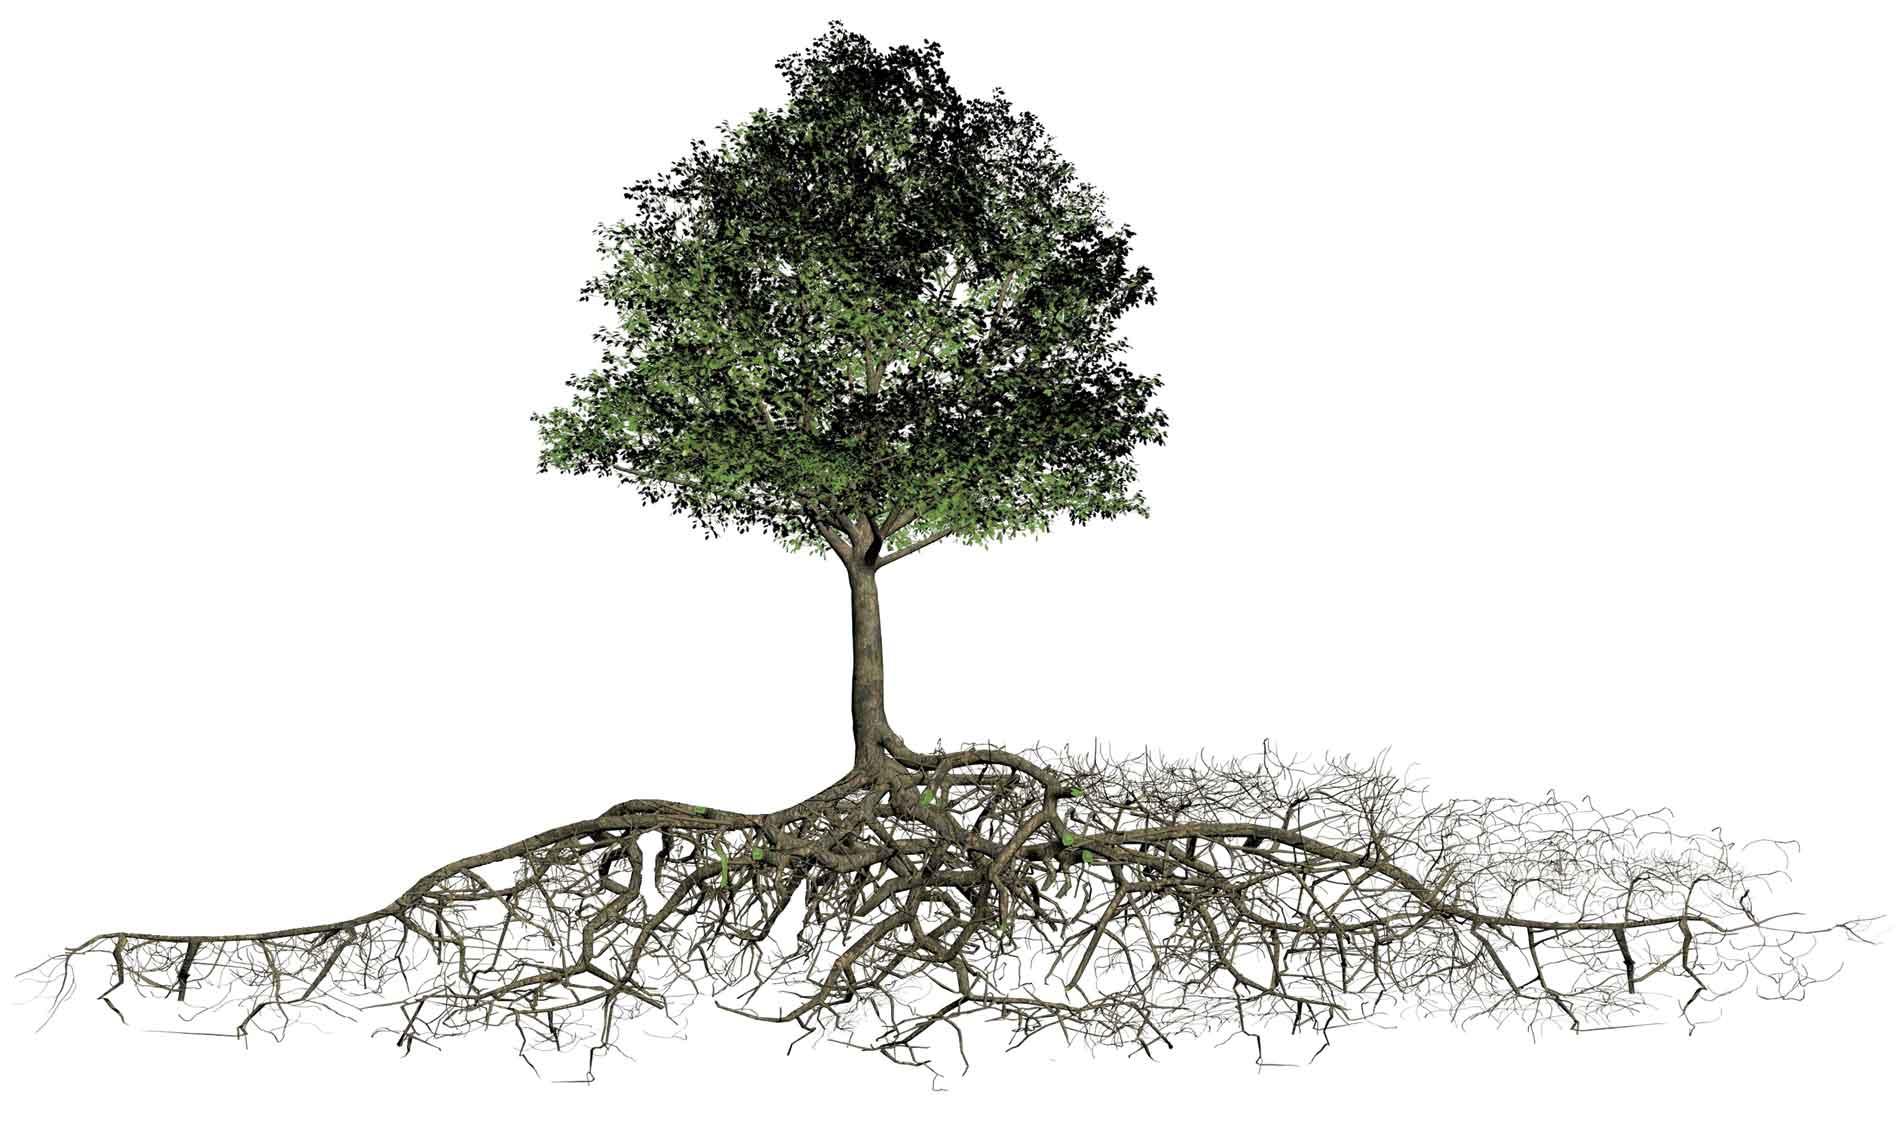 Benötigter Wurzelraum von Bäumen